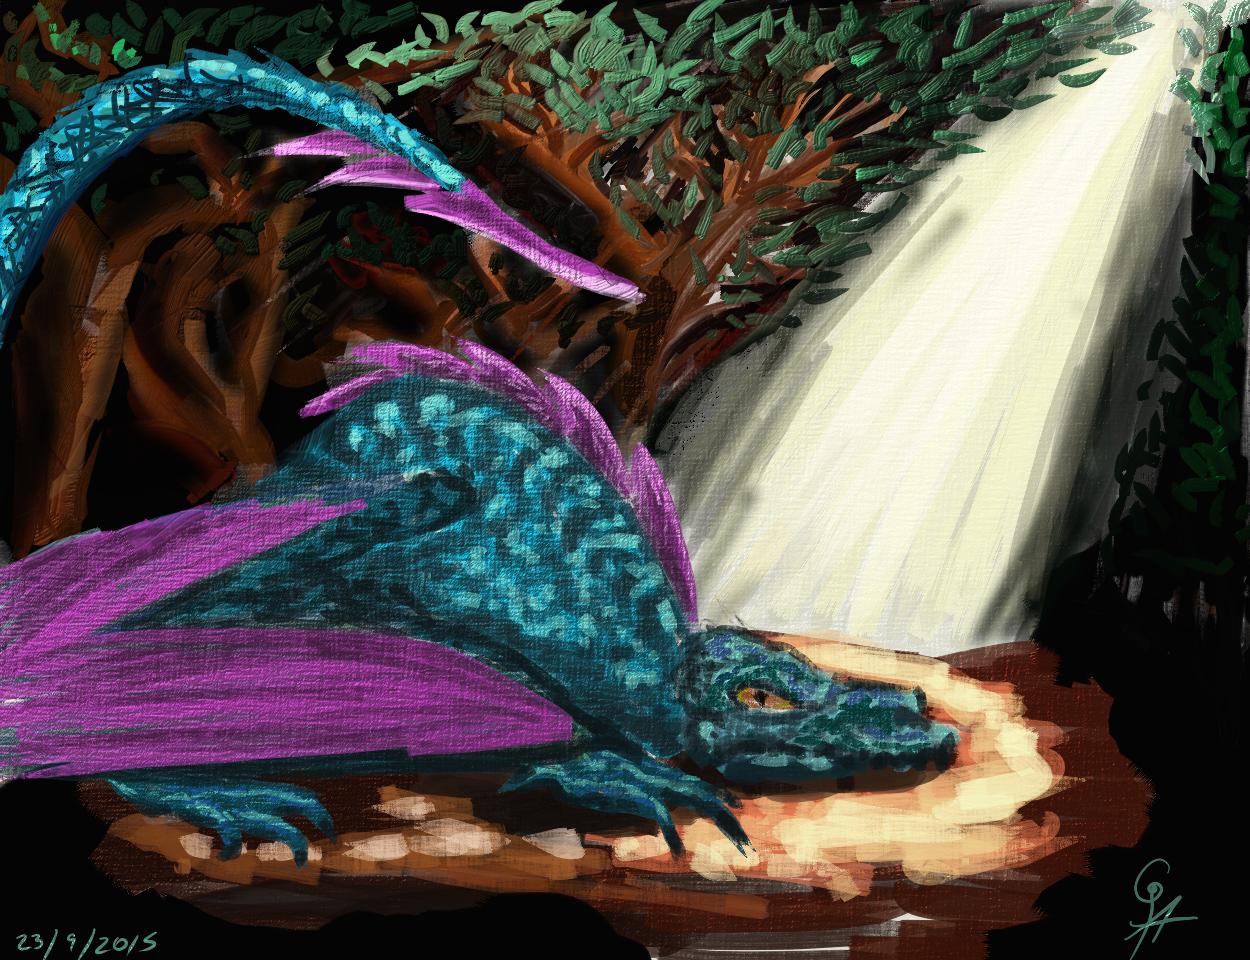 Dragon shrine by GhostlyAvenger on DeviantArt